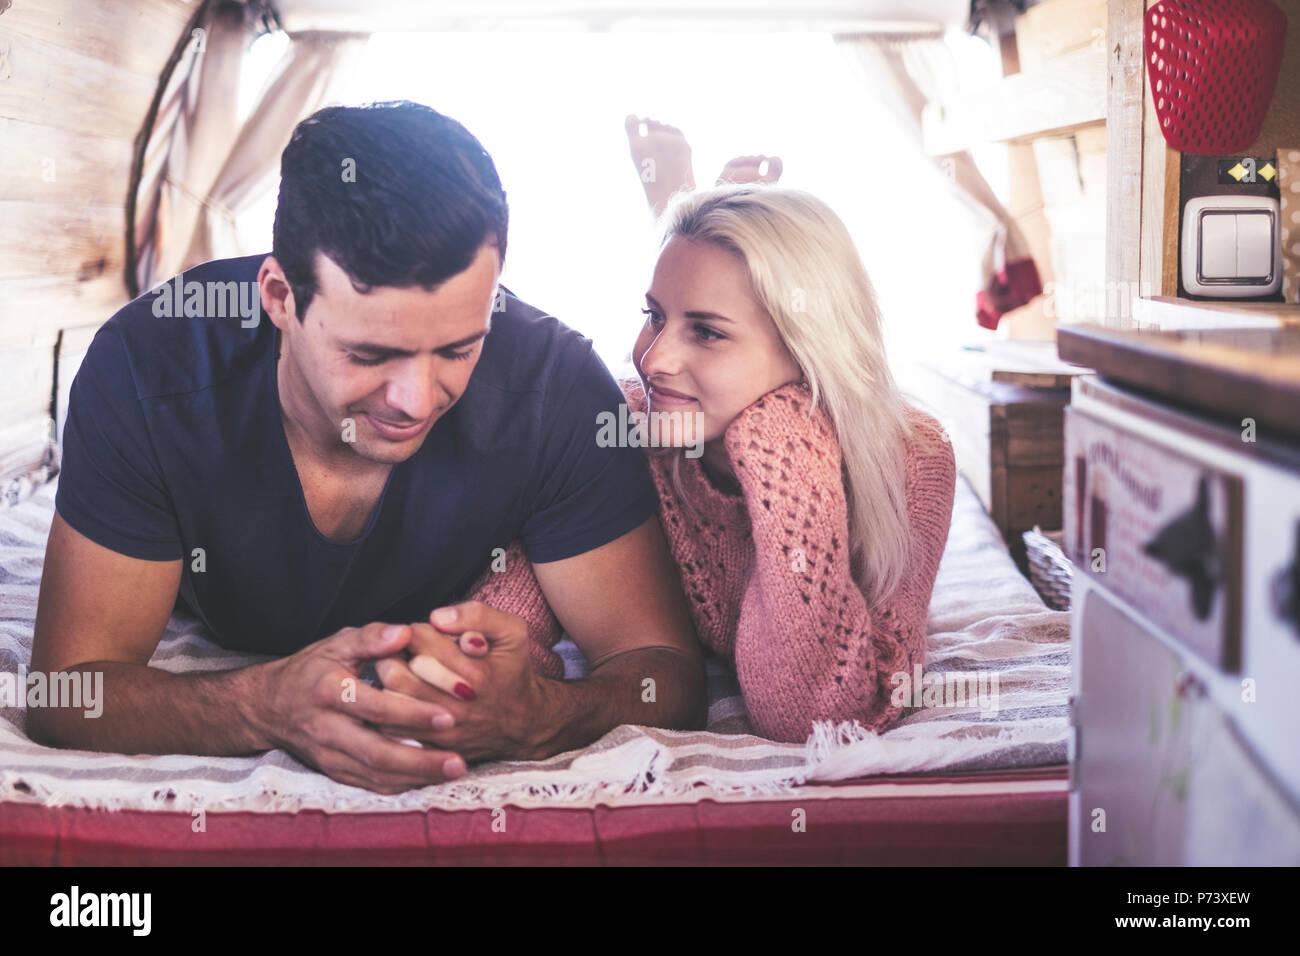 Caucasian matura in amore e la romantica scena dentro un vecchio camper vintage pronto a viaggiare e avere una vacanza insieme con gioia e felicità. bionda b Immagini Stock